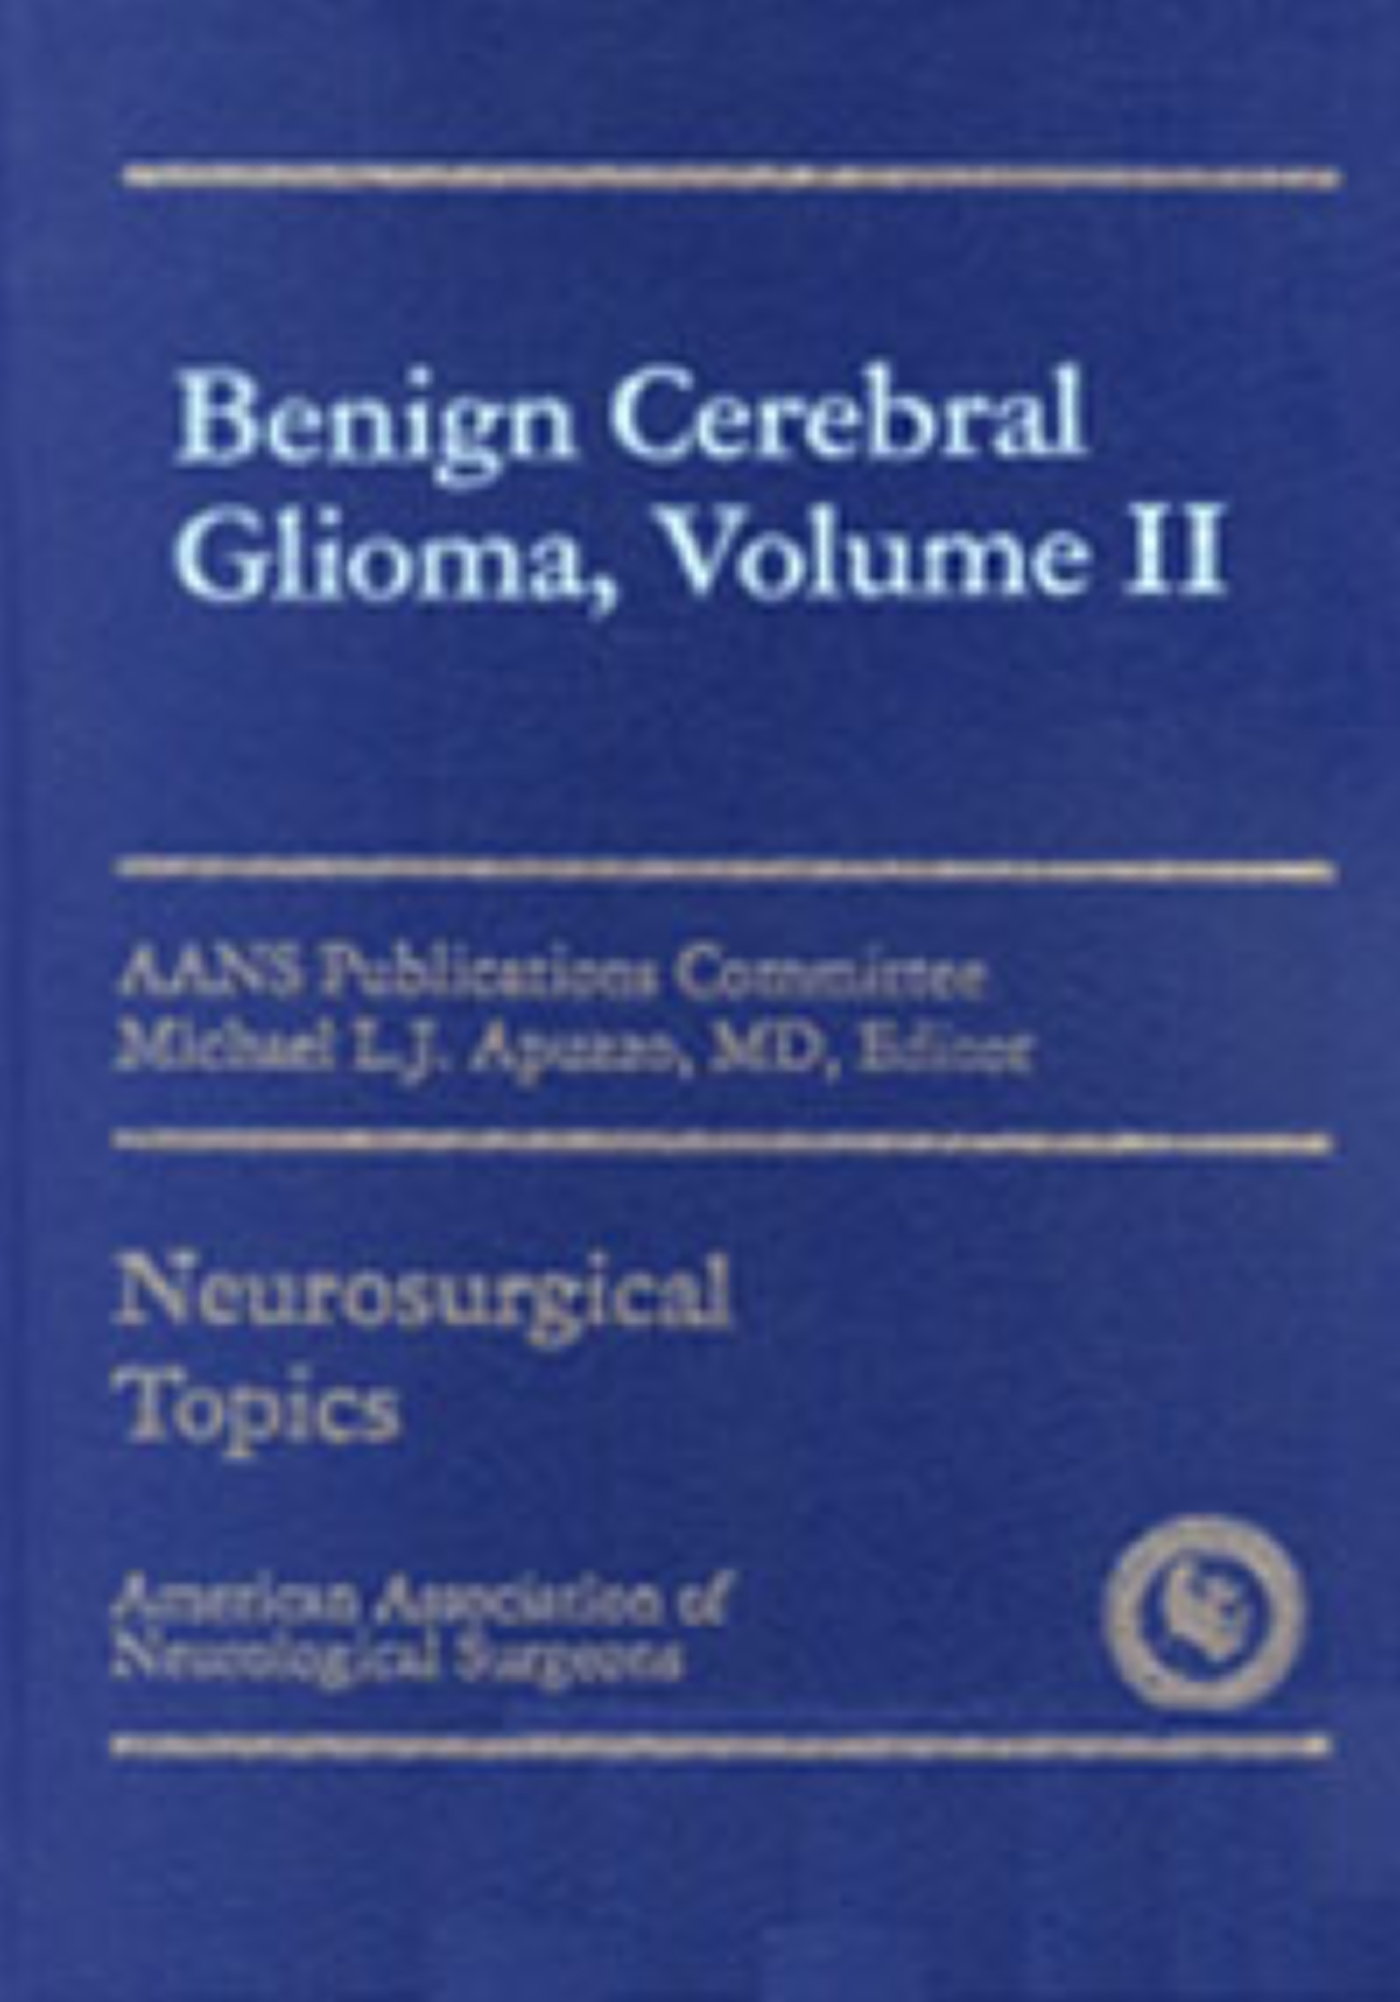 Benign Cerebral Gliomas, Volume II